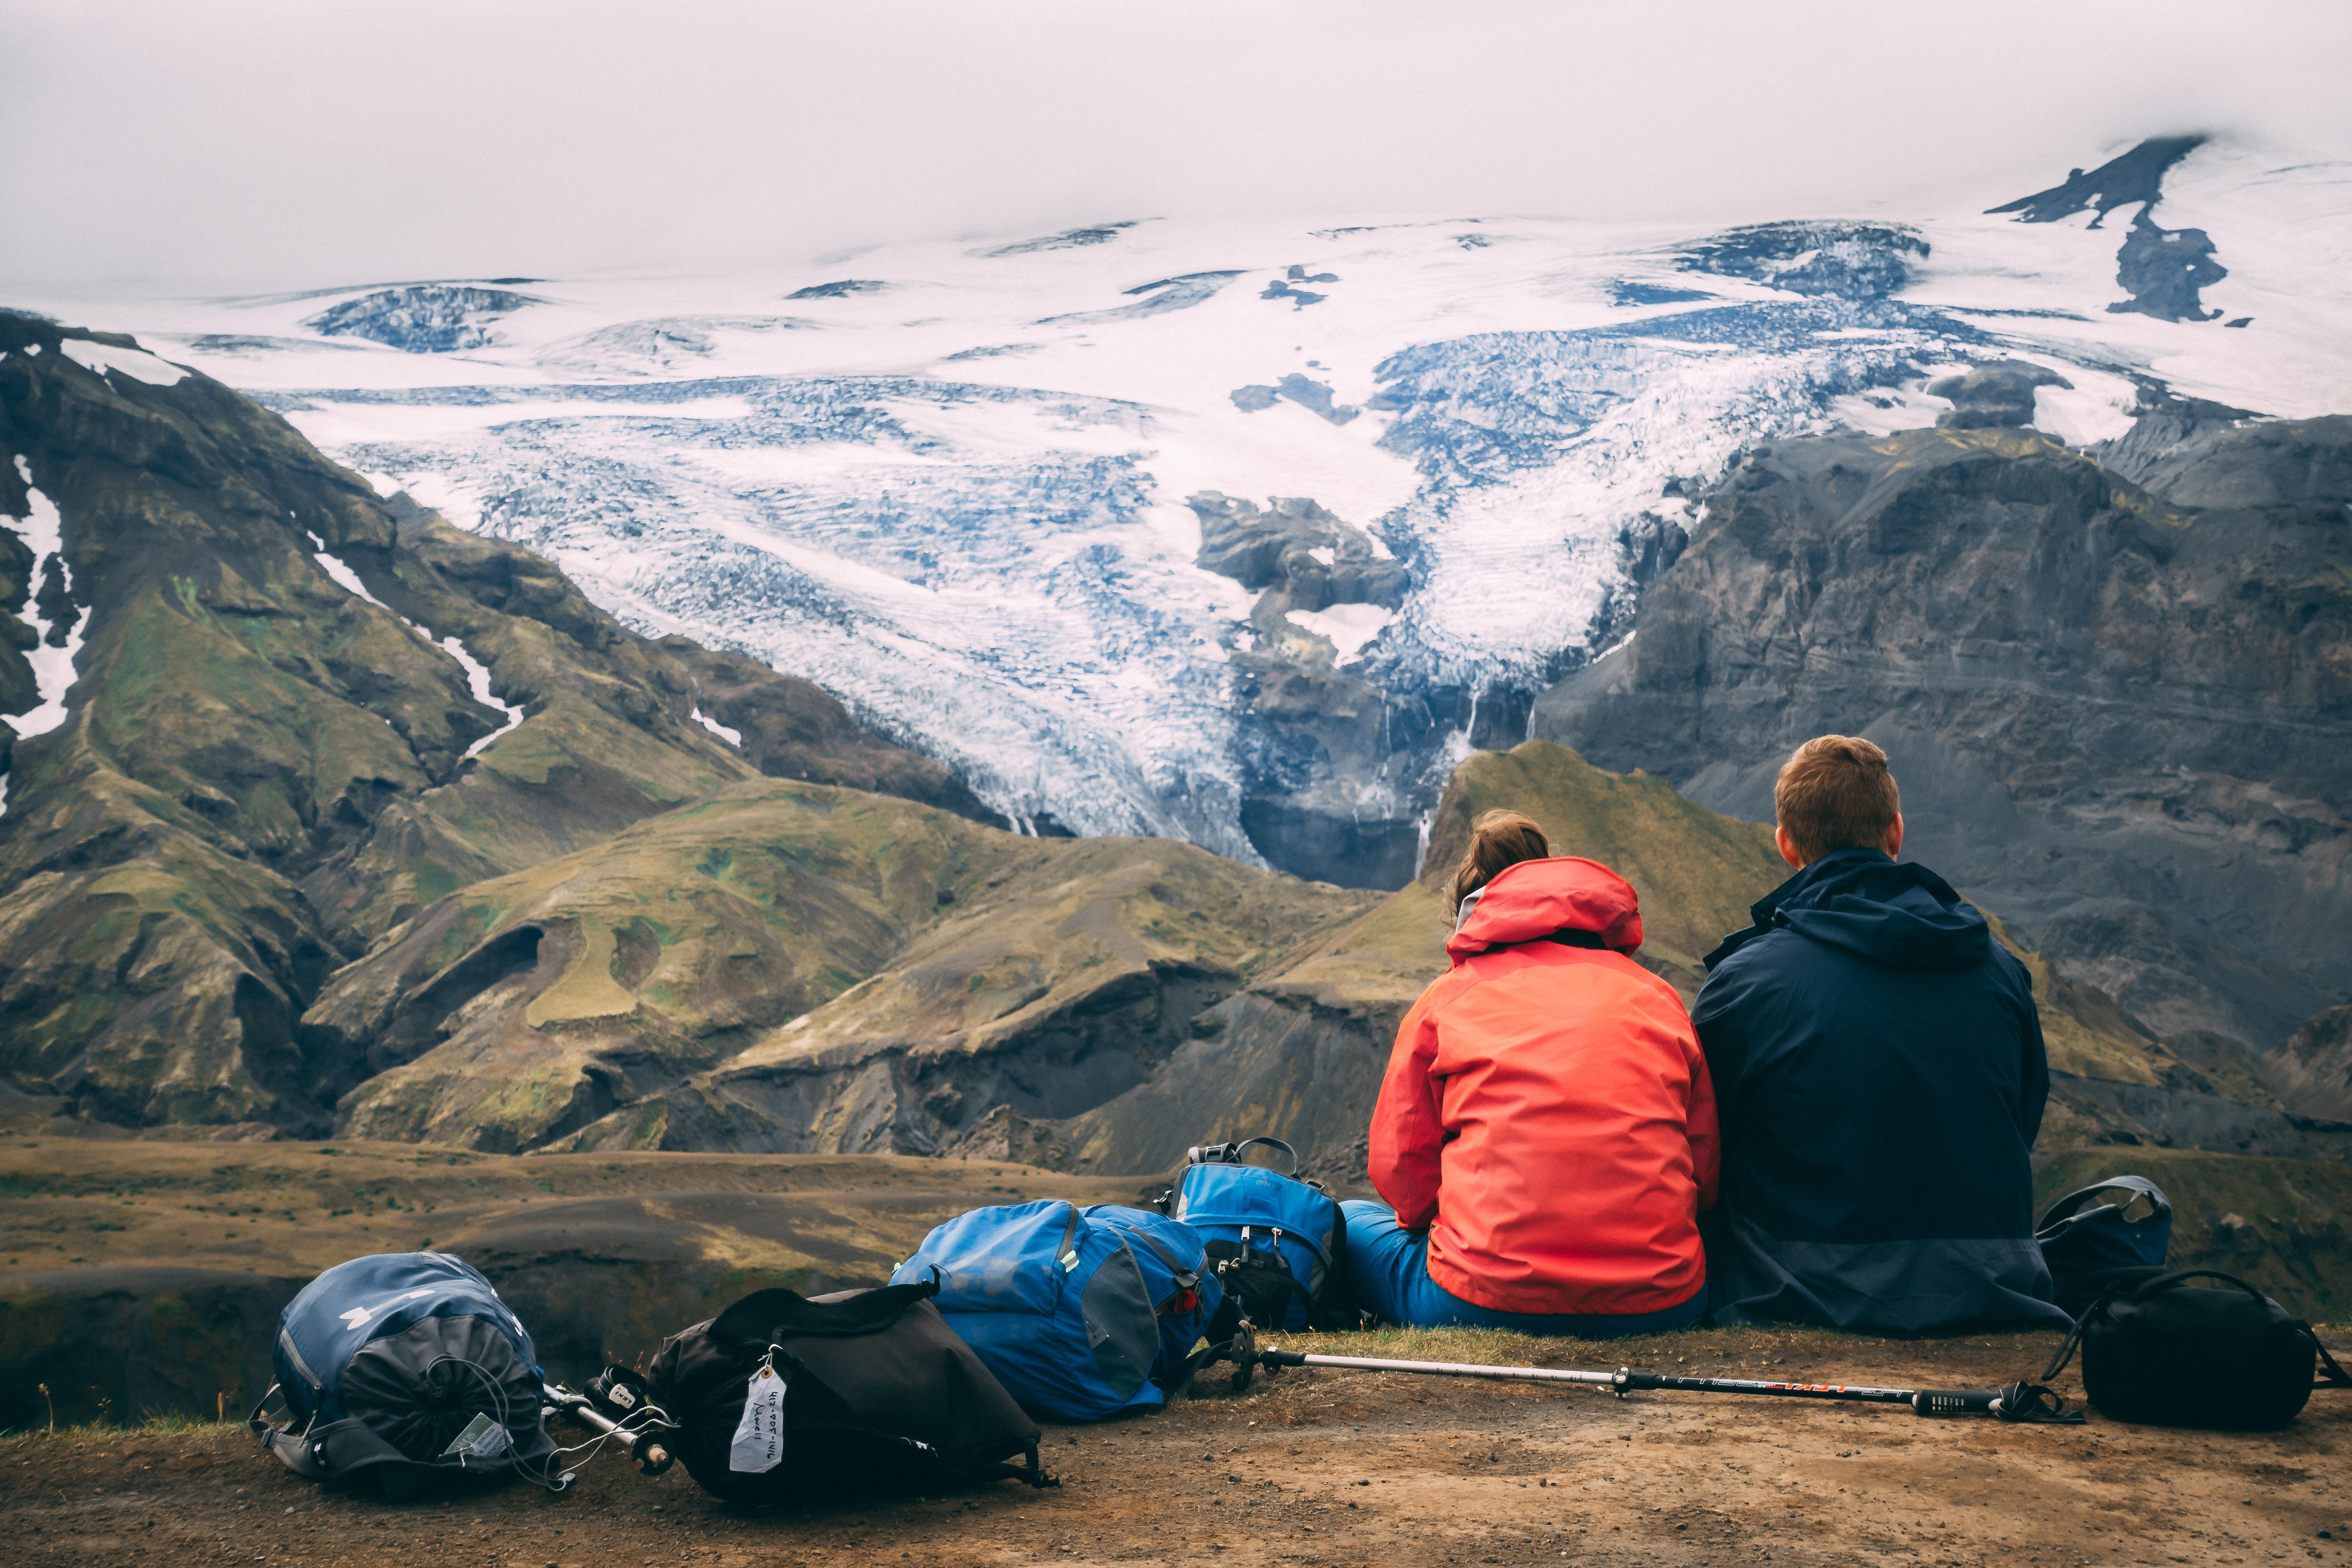 Dagstur med superjeep til Þórsmörk-dalen